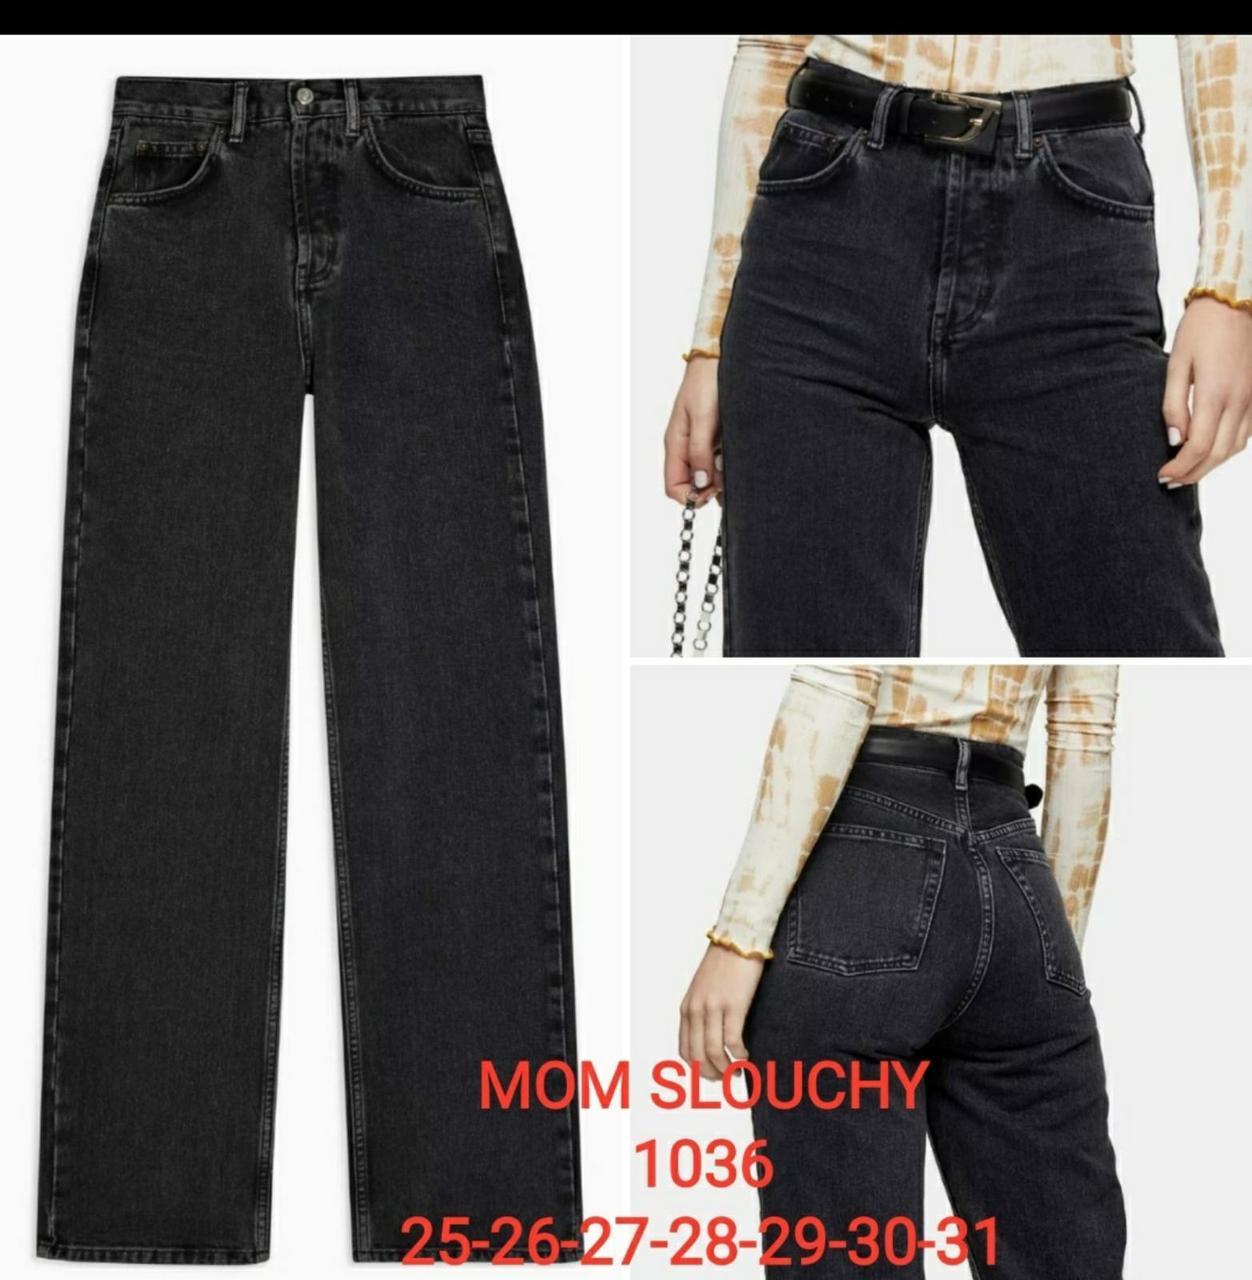 Женские джинсы мом-слоучи от бедра Esqua 1036 (25-30)